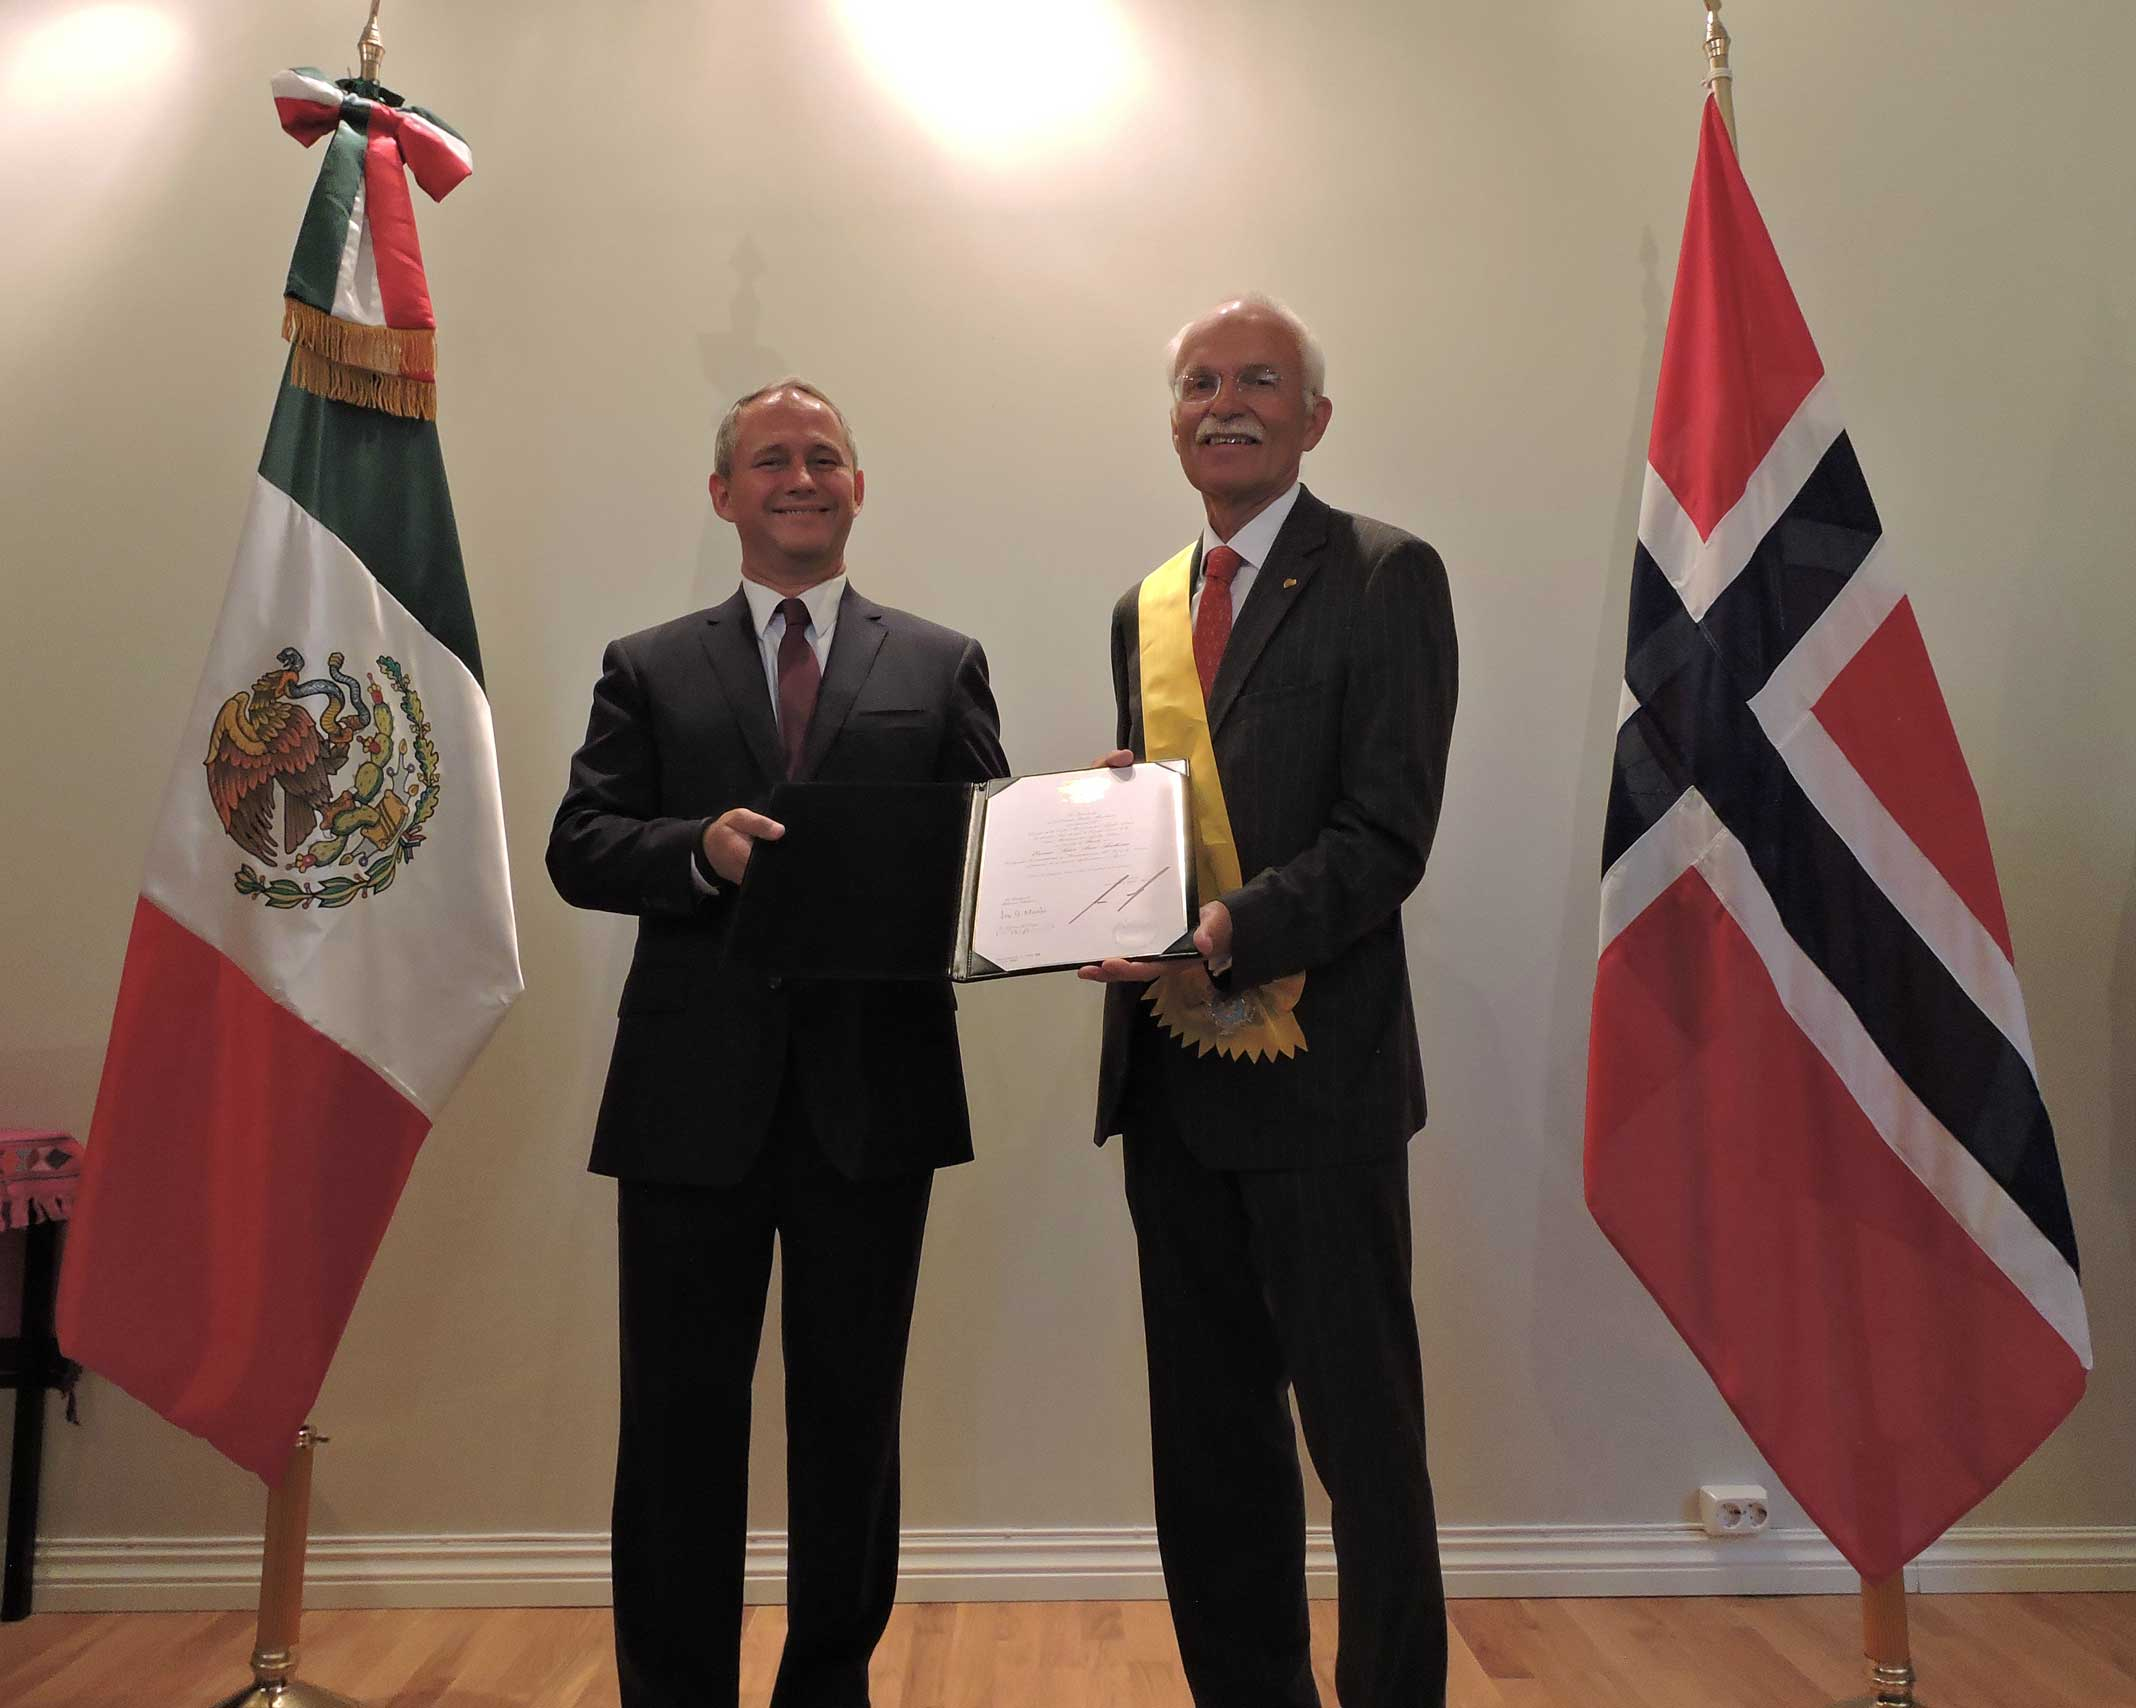 El embajador de México en Noruega, Luis Javier Campuzano Piña, impuso la condecoración al señor Arne Aasheim, ex embajador del Reino de Noruega en México